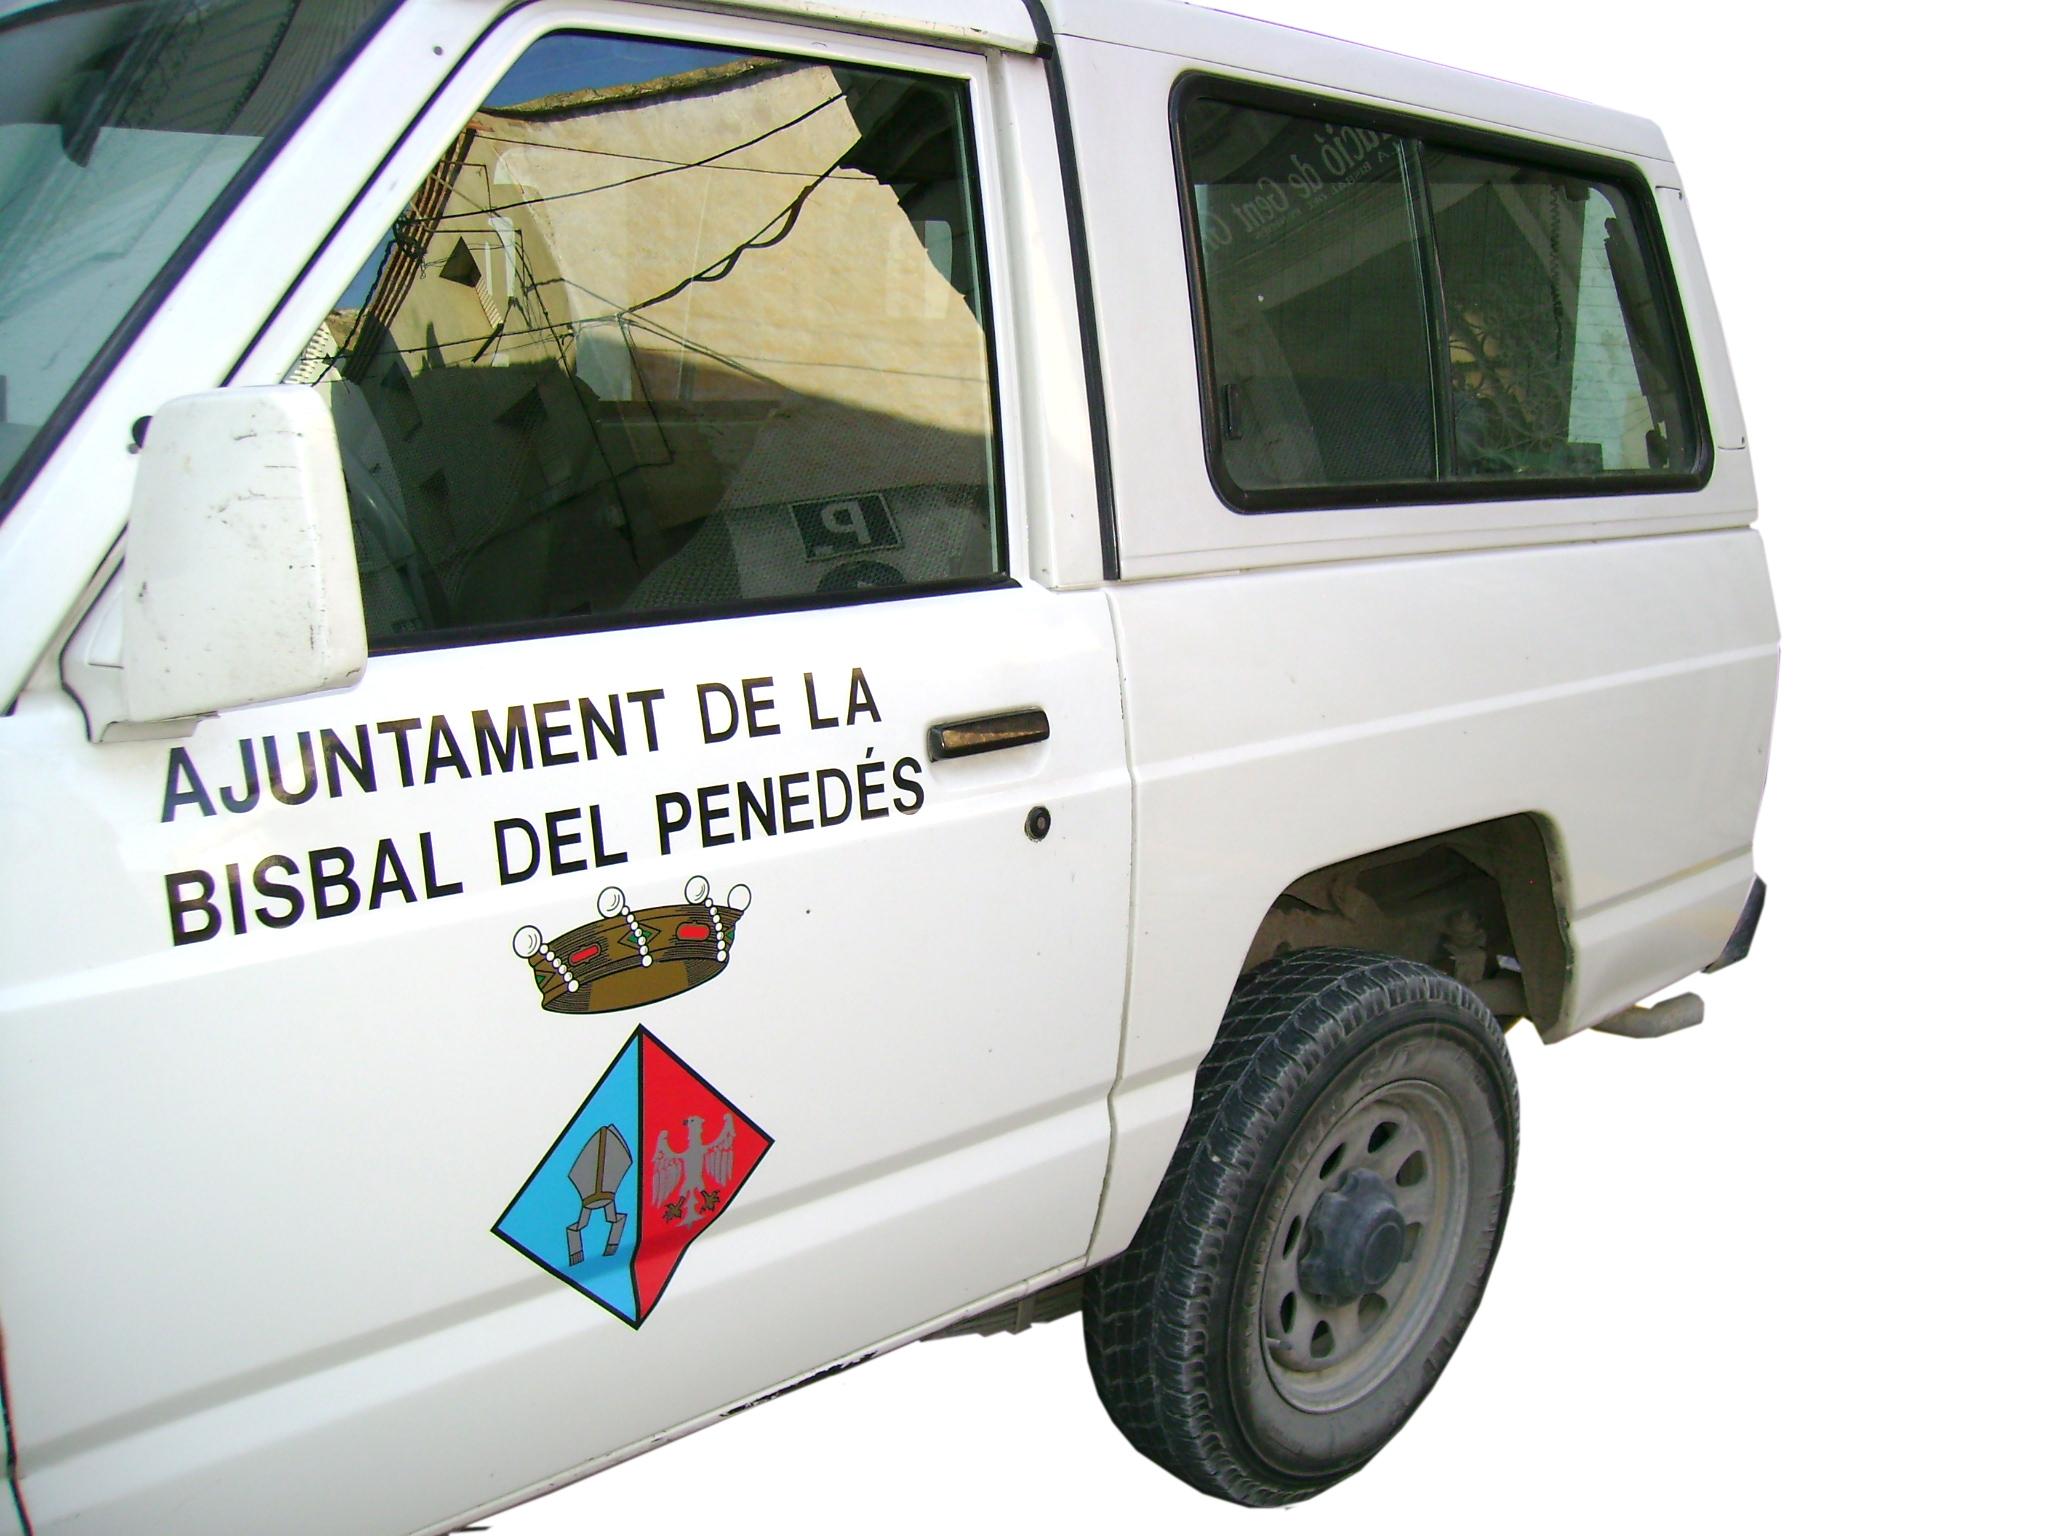 La Brigada Municipal i el Servei d'Informació i Inspecció municipal tindran vehicles nous